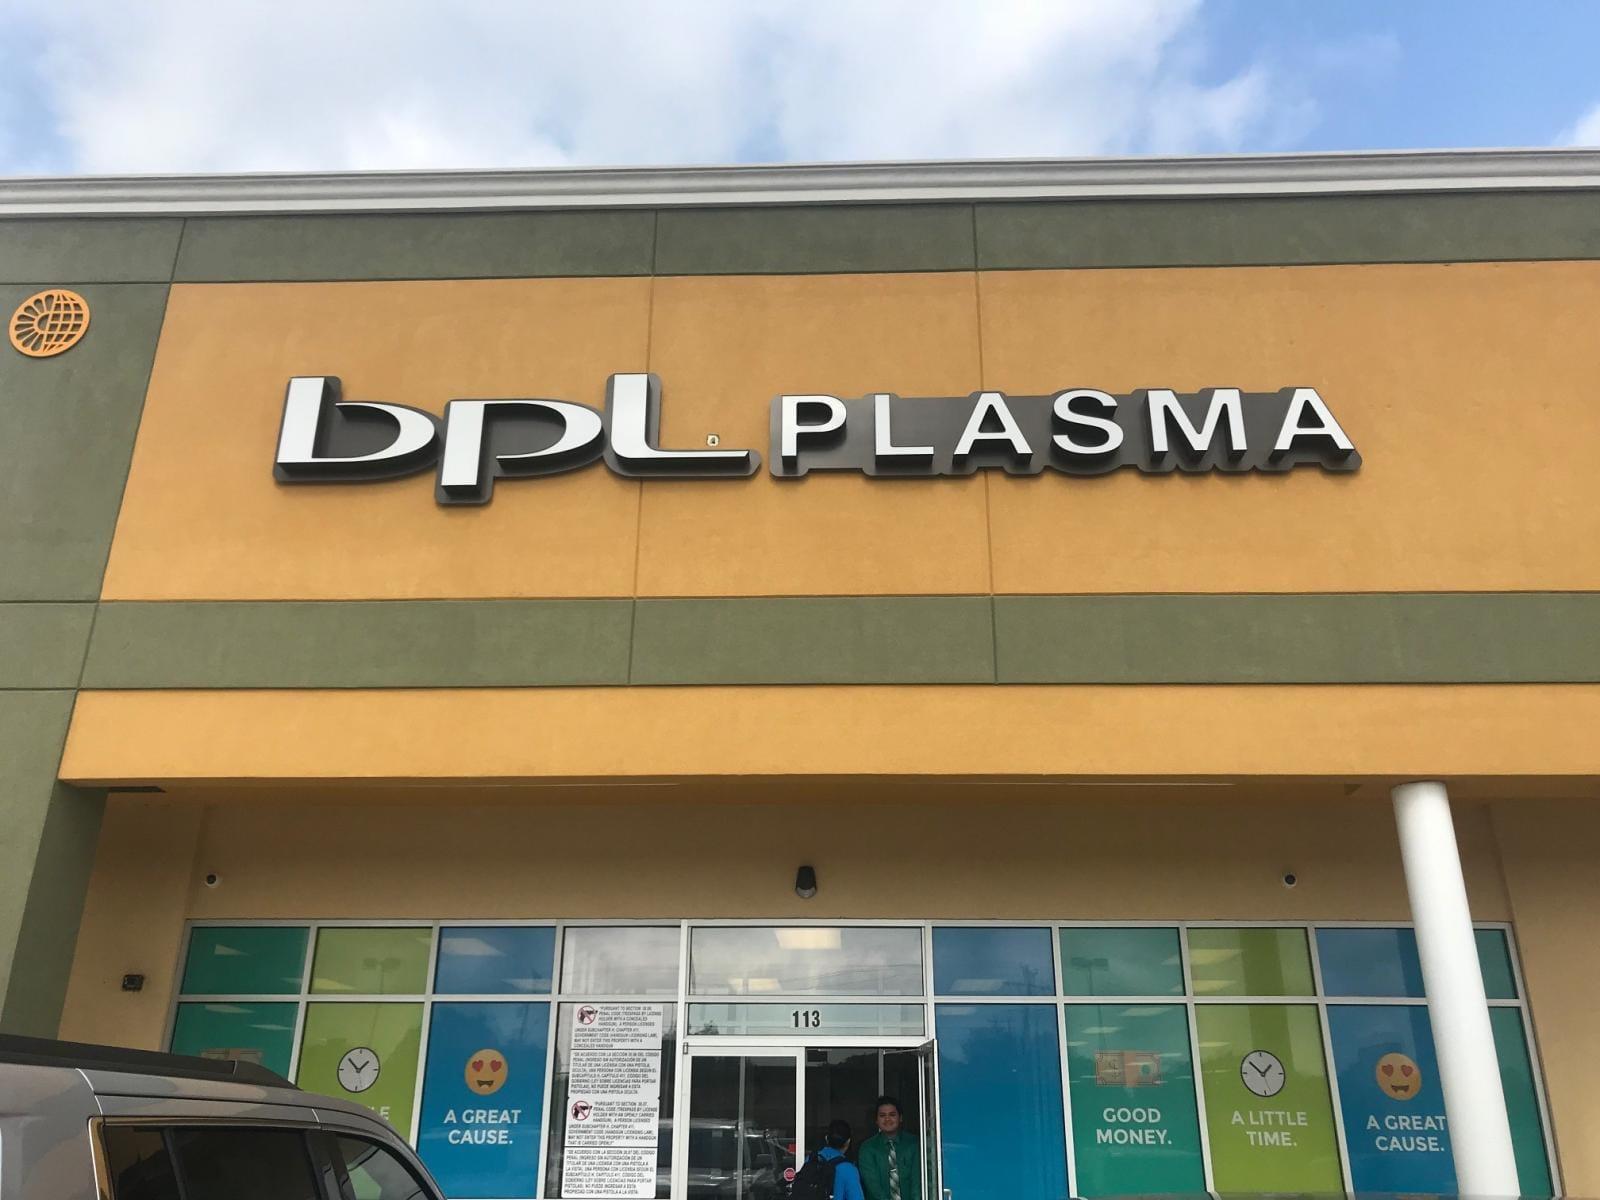 San Antonio Plasma Donation Center | BPL Plasma San Antonio, TX